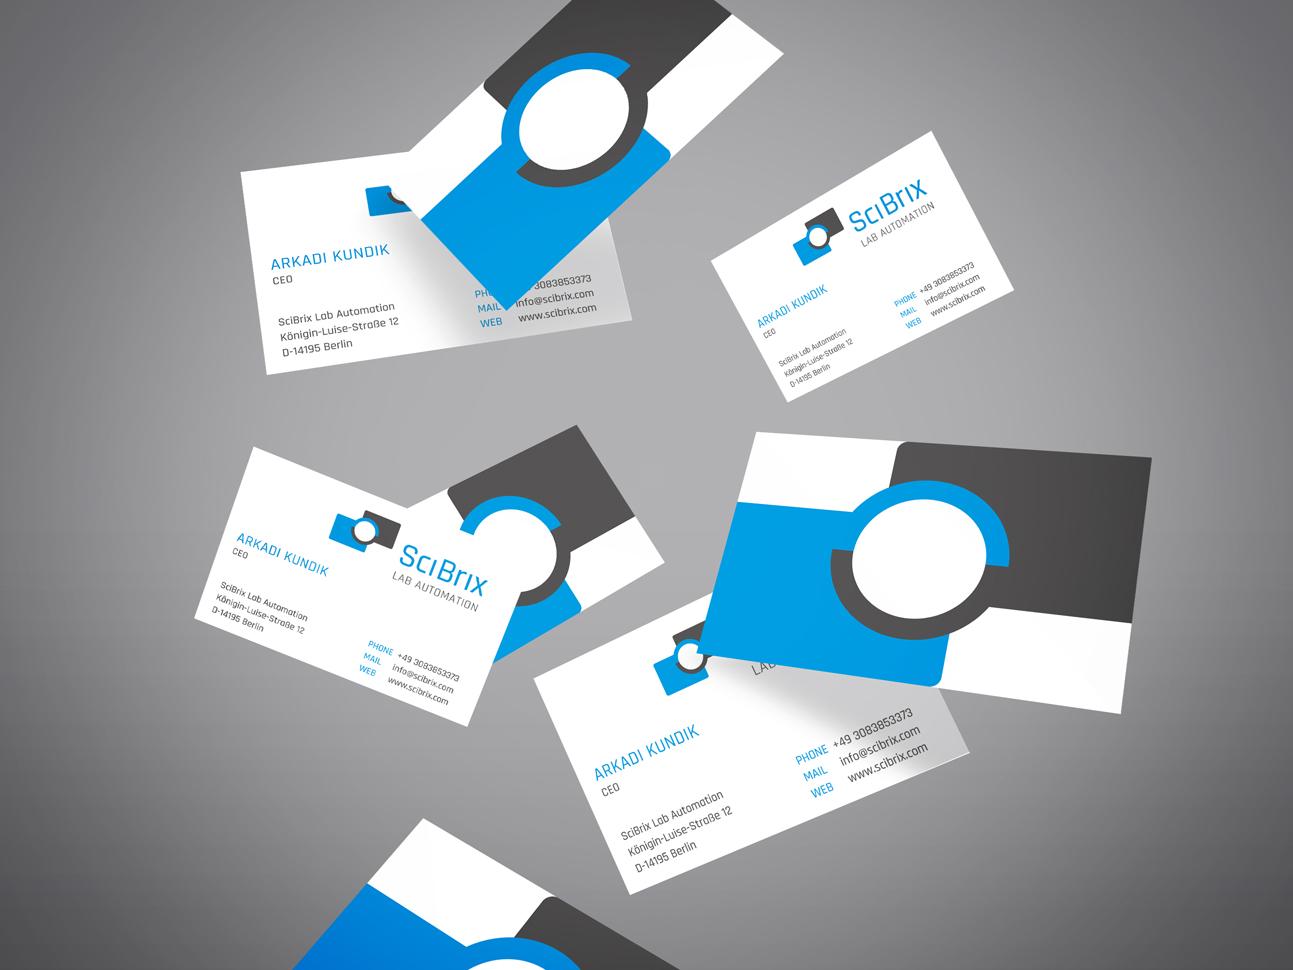 martin_zech_design_corporate_design_SciBrix-lab-automation_visitenkarte